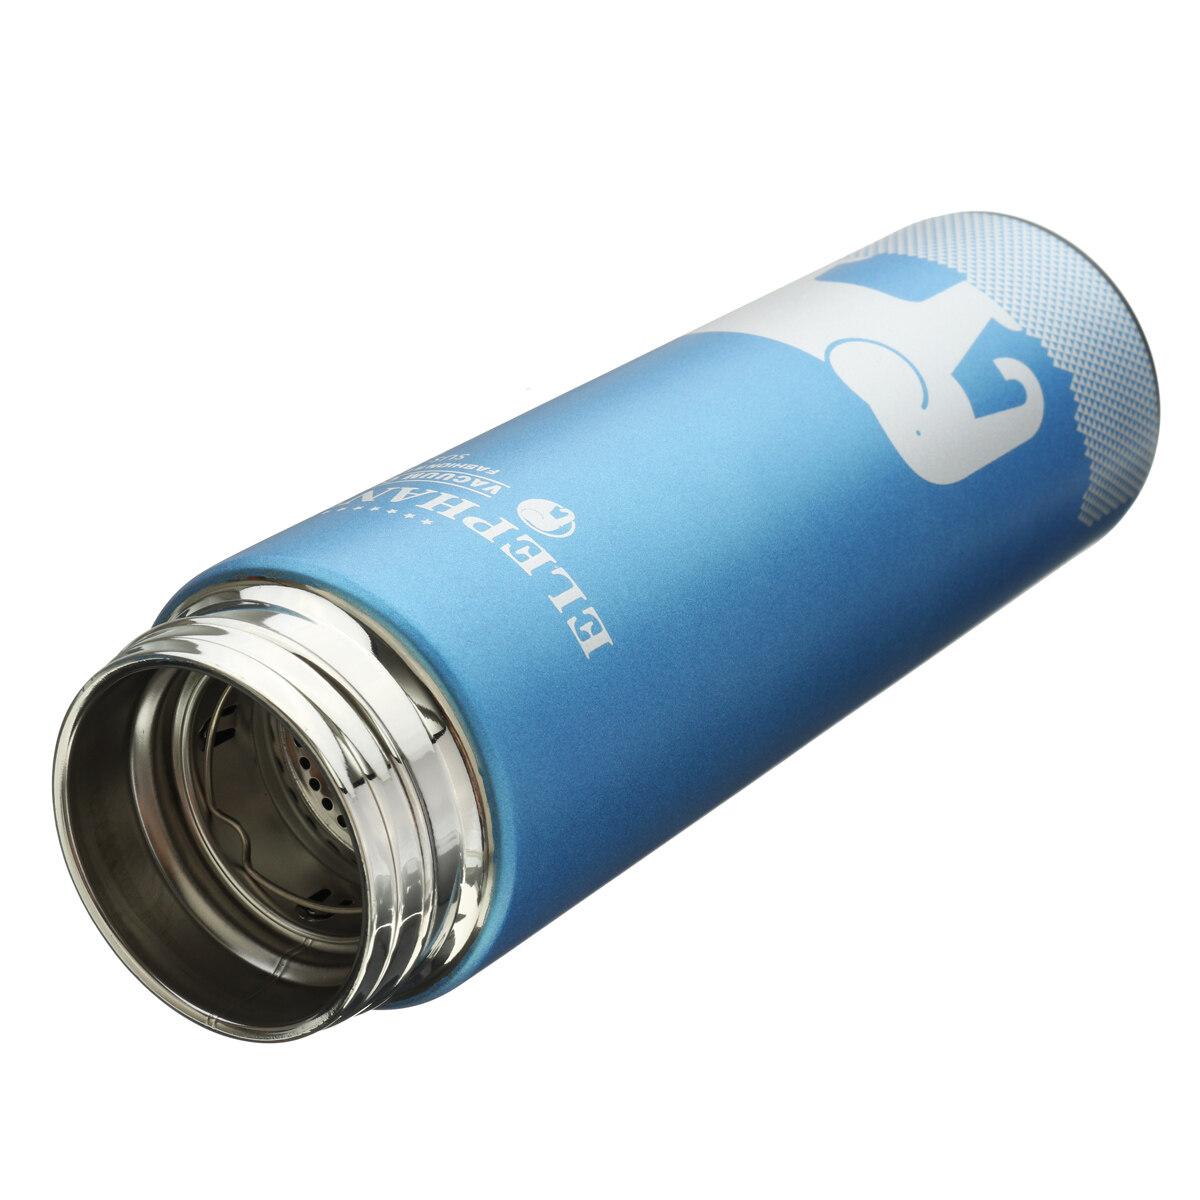 ... Biru Portable 304 Baja Anti Karat Termos Gelas Vacuum Perjalanan Teh Botol Air Kopi Mug- ...